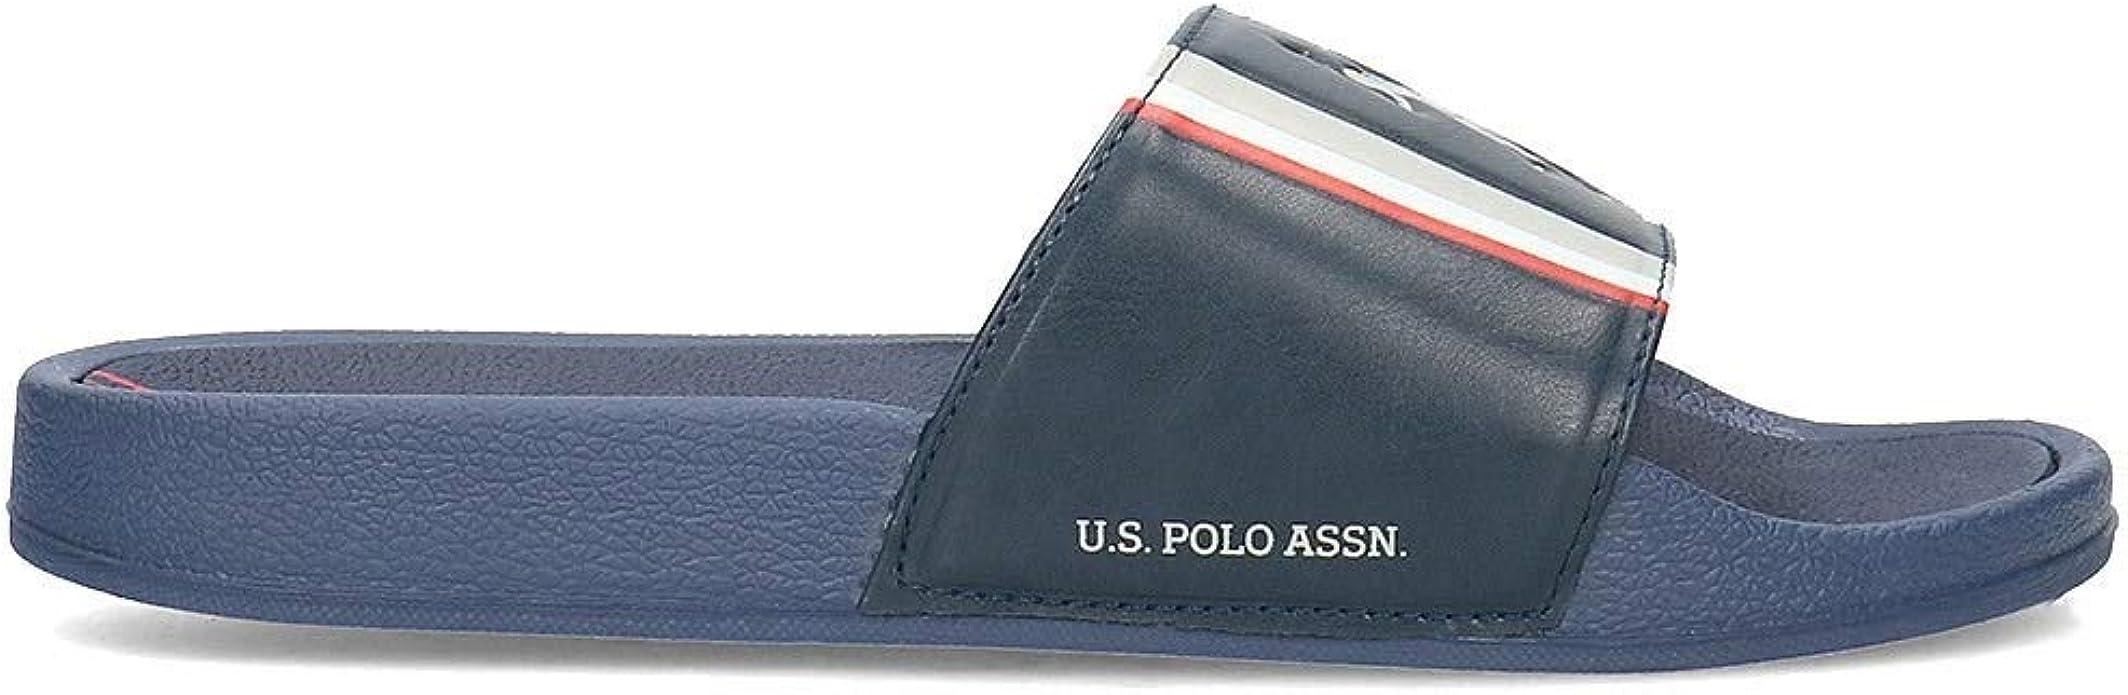 U.S. POLO ASSN NASSO DKBL FUN2107S9/G1 Chanclas Navy para Hombre ...